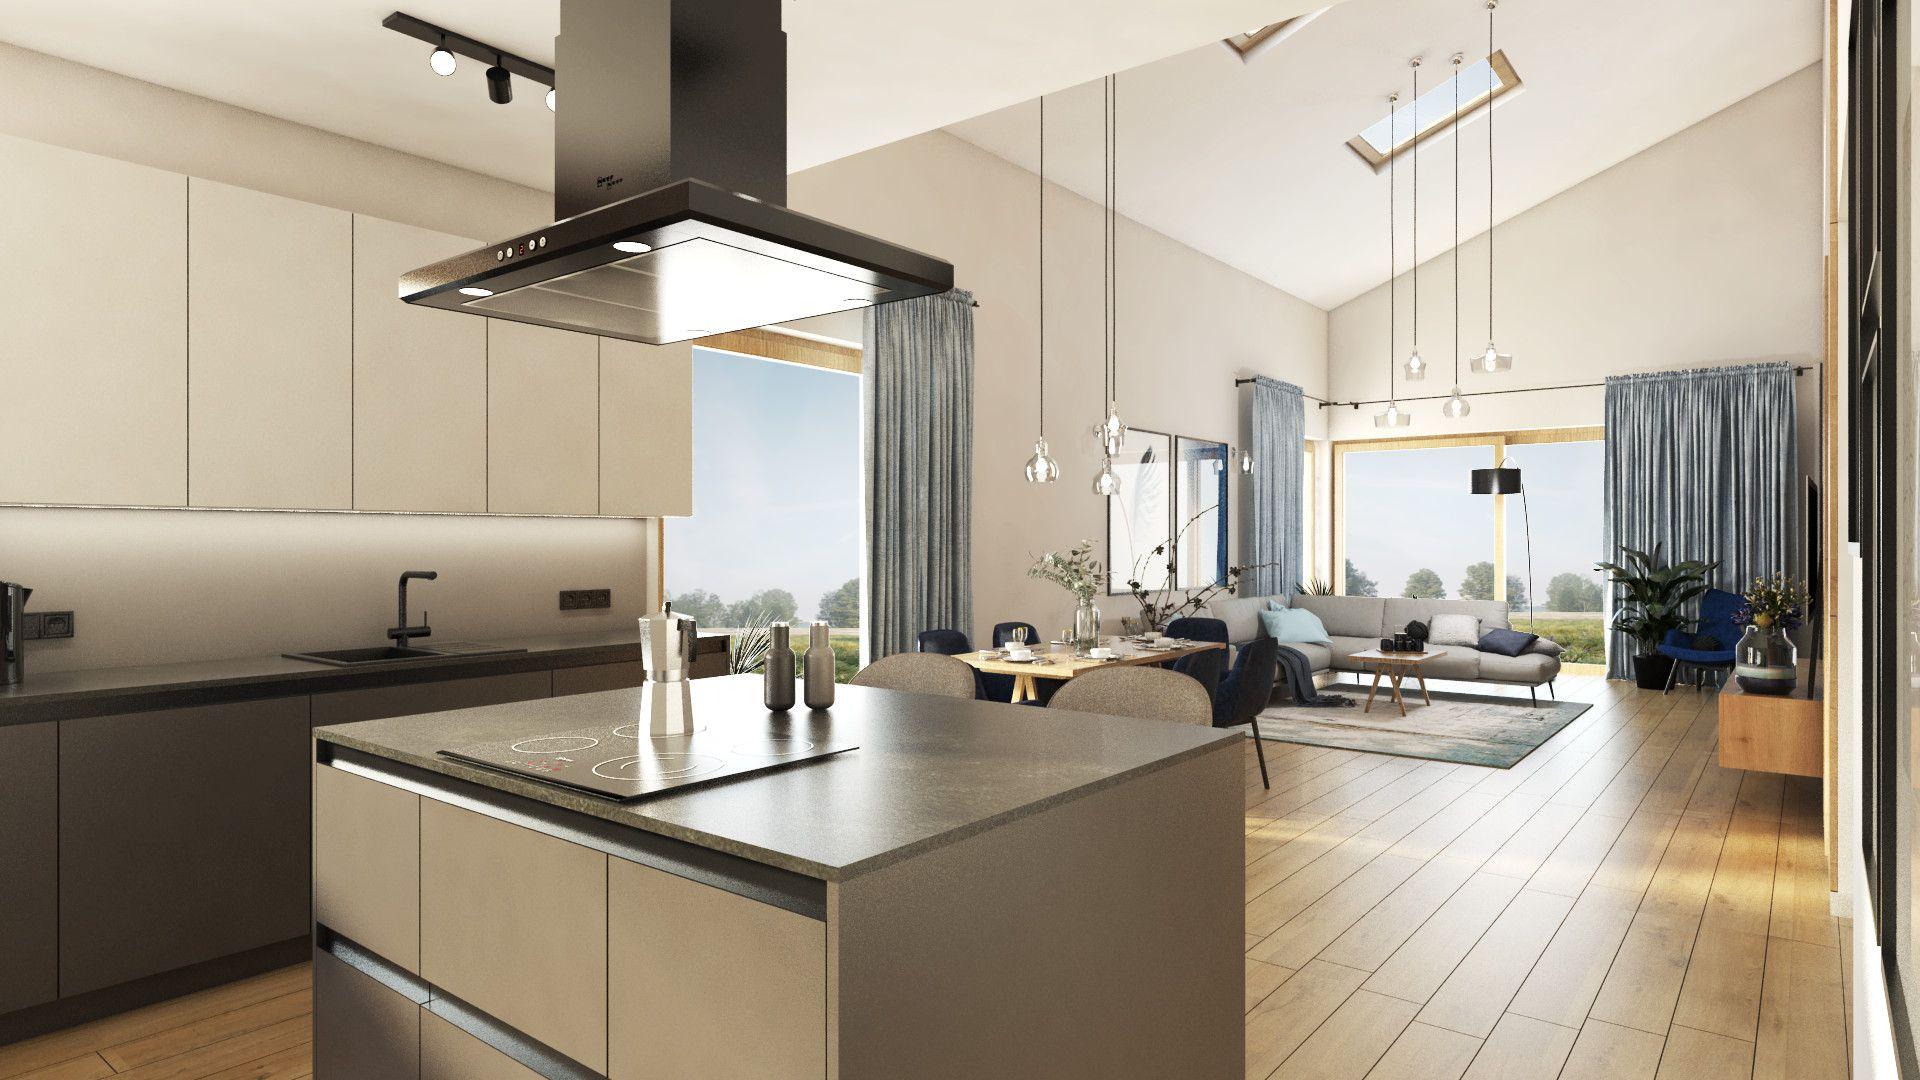 Studio Kampra Nowoczesna Kuchnia Z Wyspa Zastosowana Wyspa Jest Bardzo Stylowa Ale Rowniez Funkcjonalna Home Decor Kitchen Decor